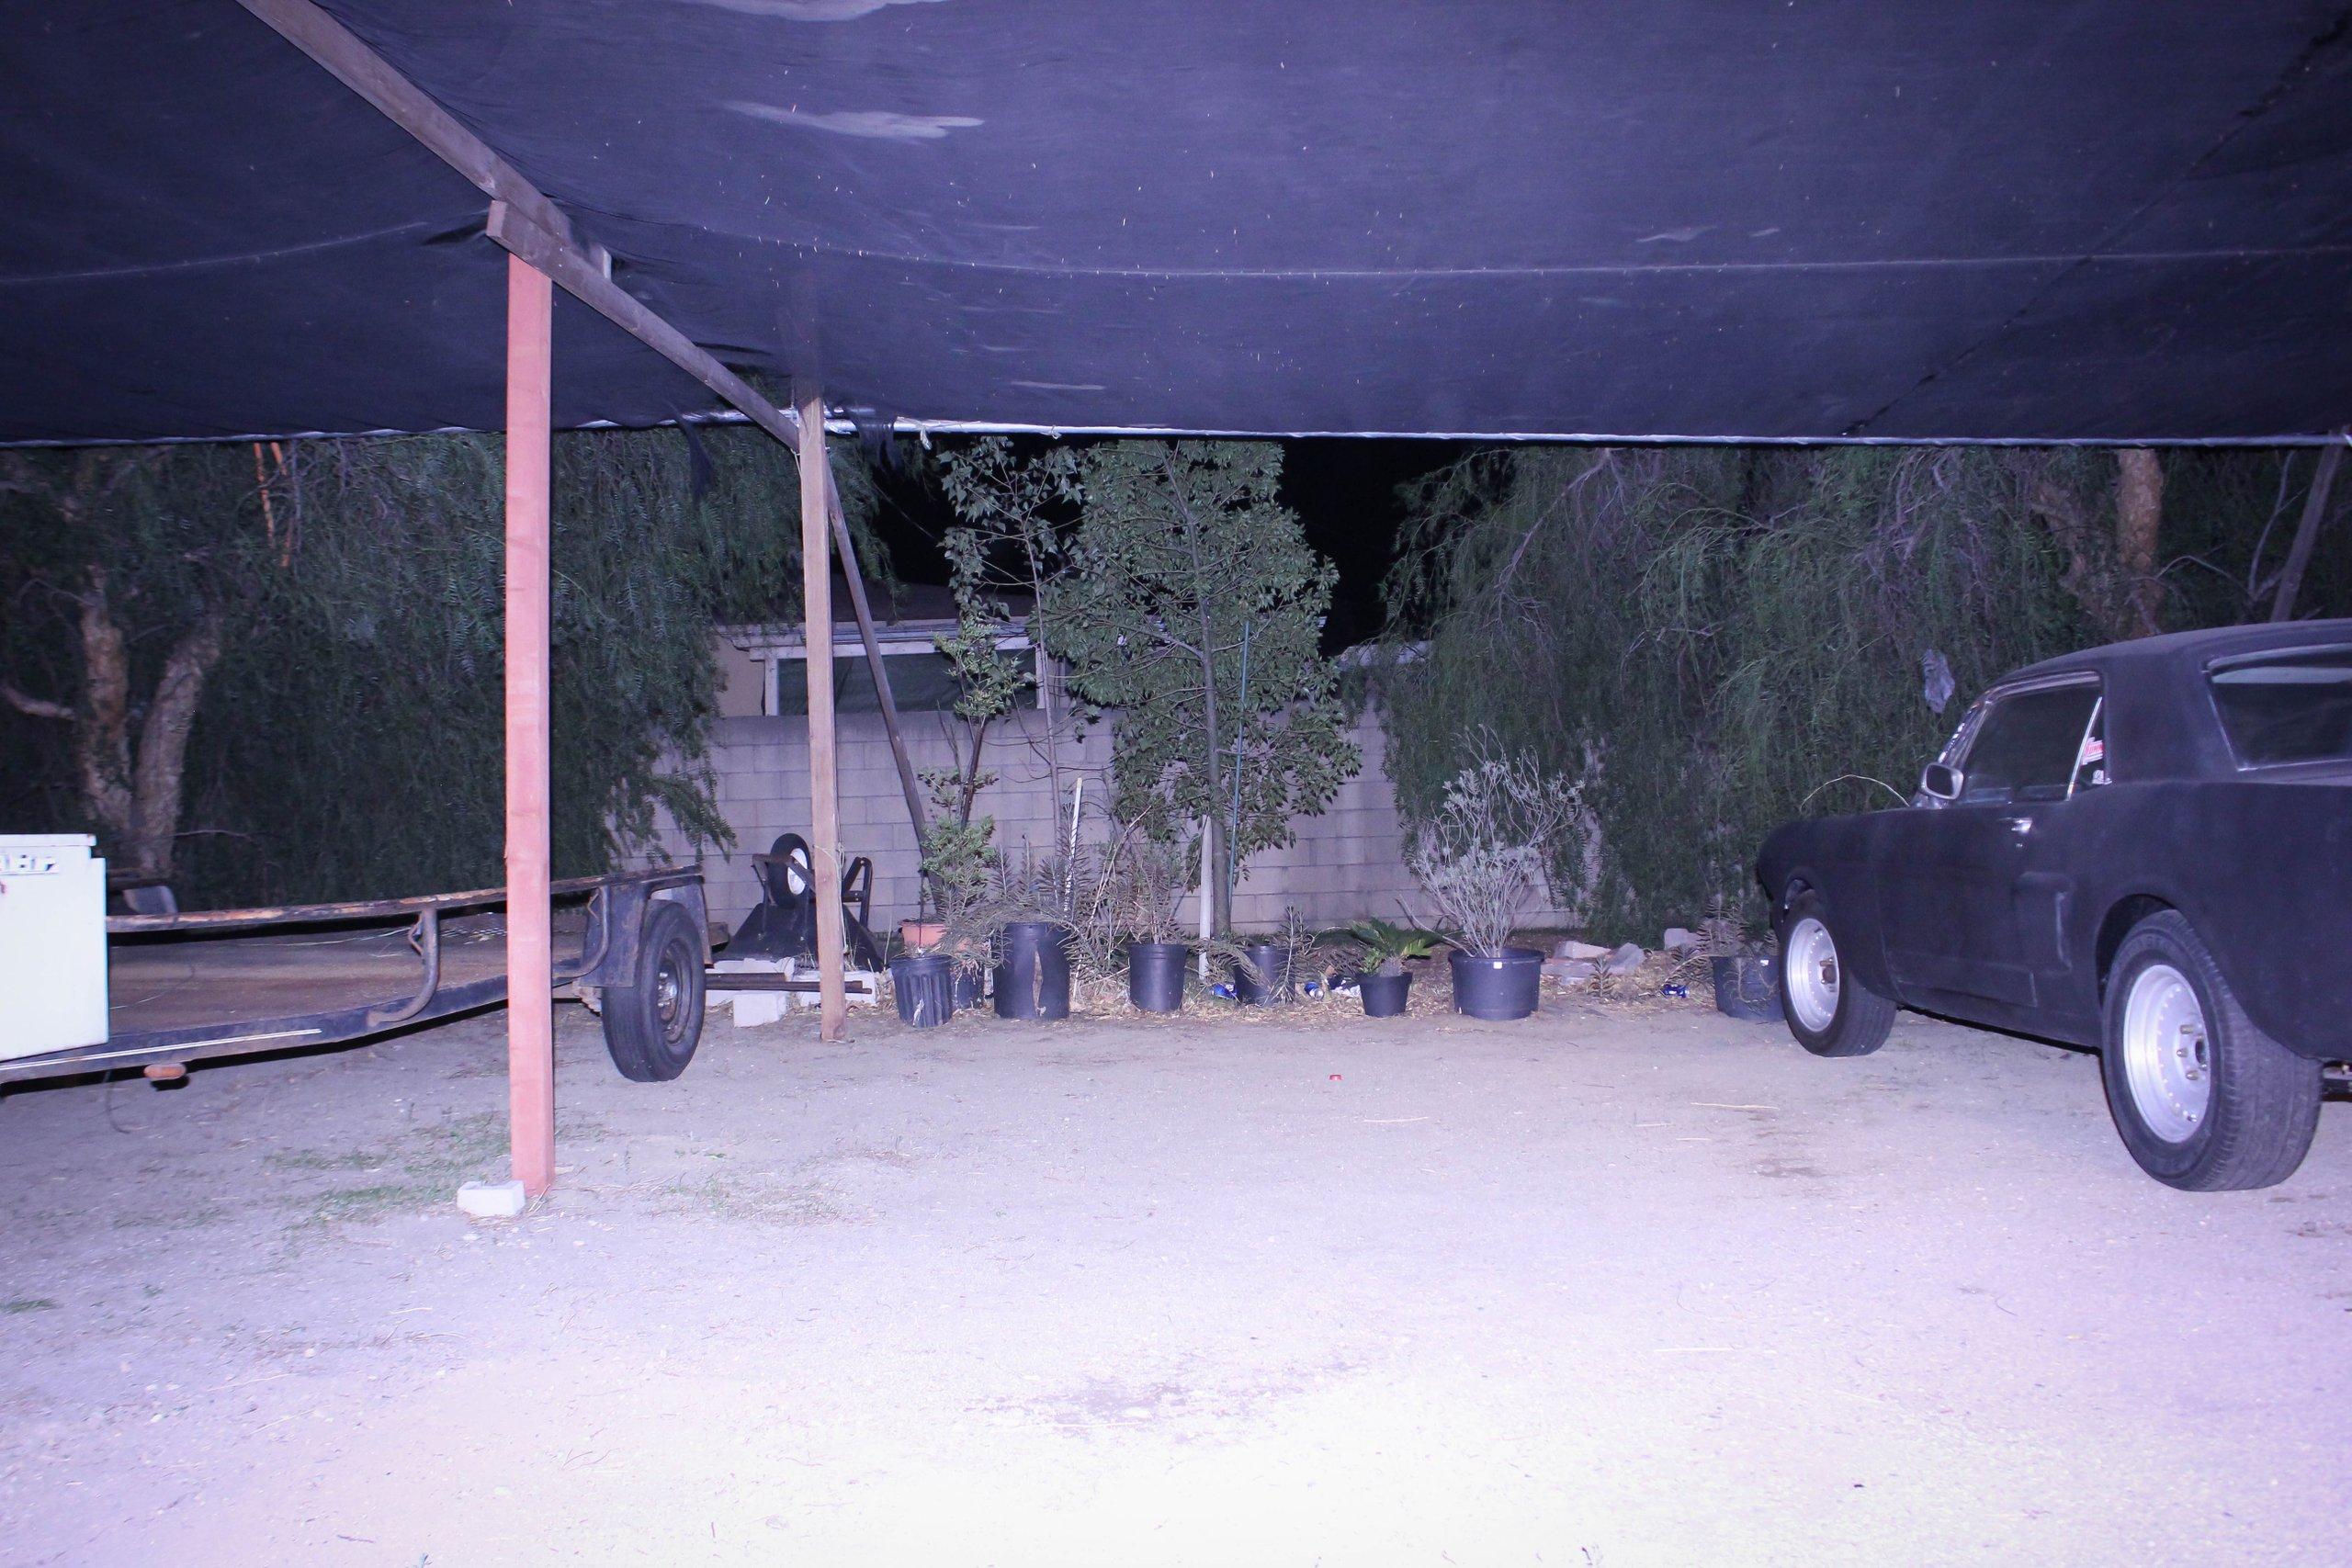 24x20 Carport self storage unit